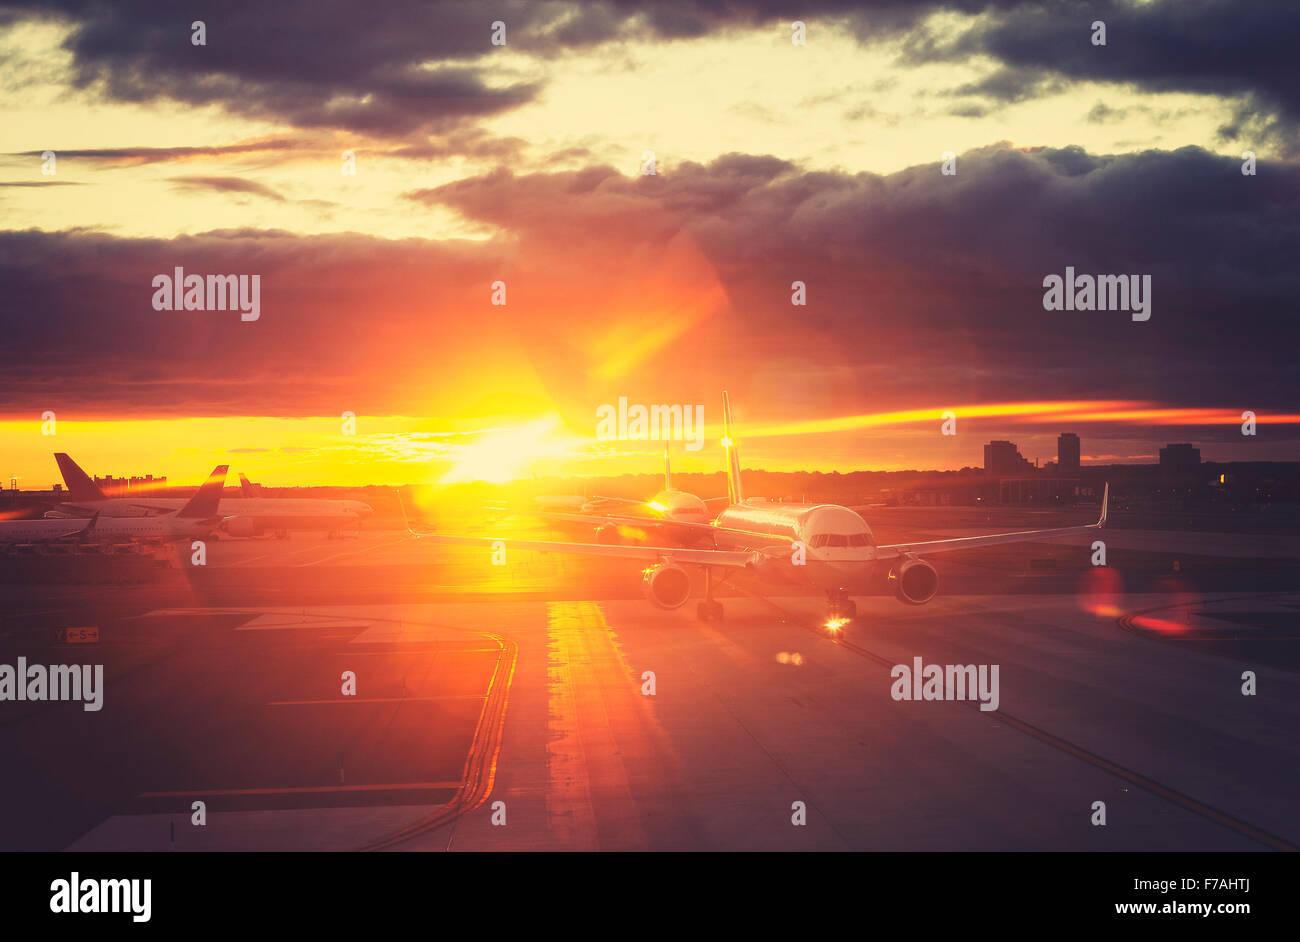 Vintage tonica Foto di aeroporto al tramonto, il concetto di viaggio, lens flare effetto. Immagini Stock